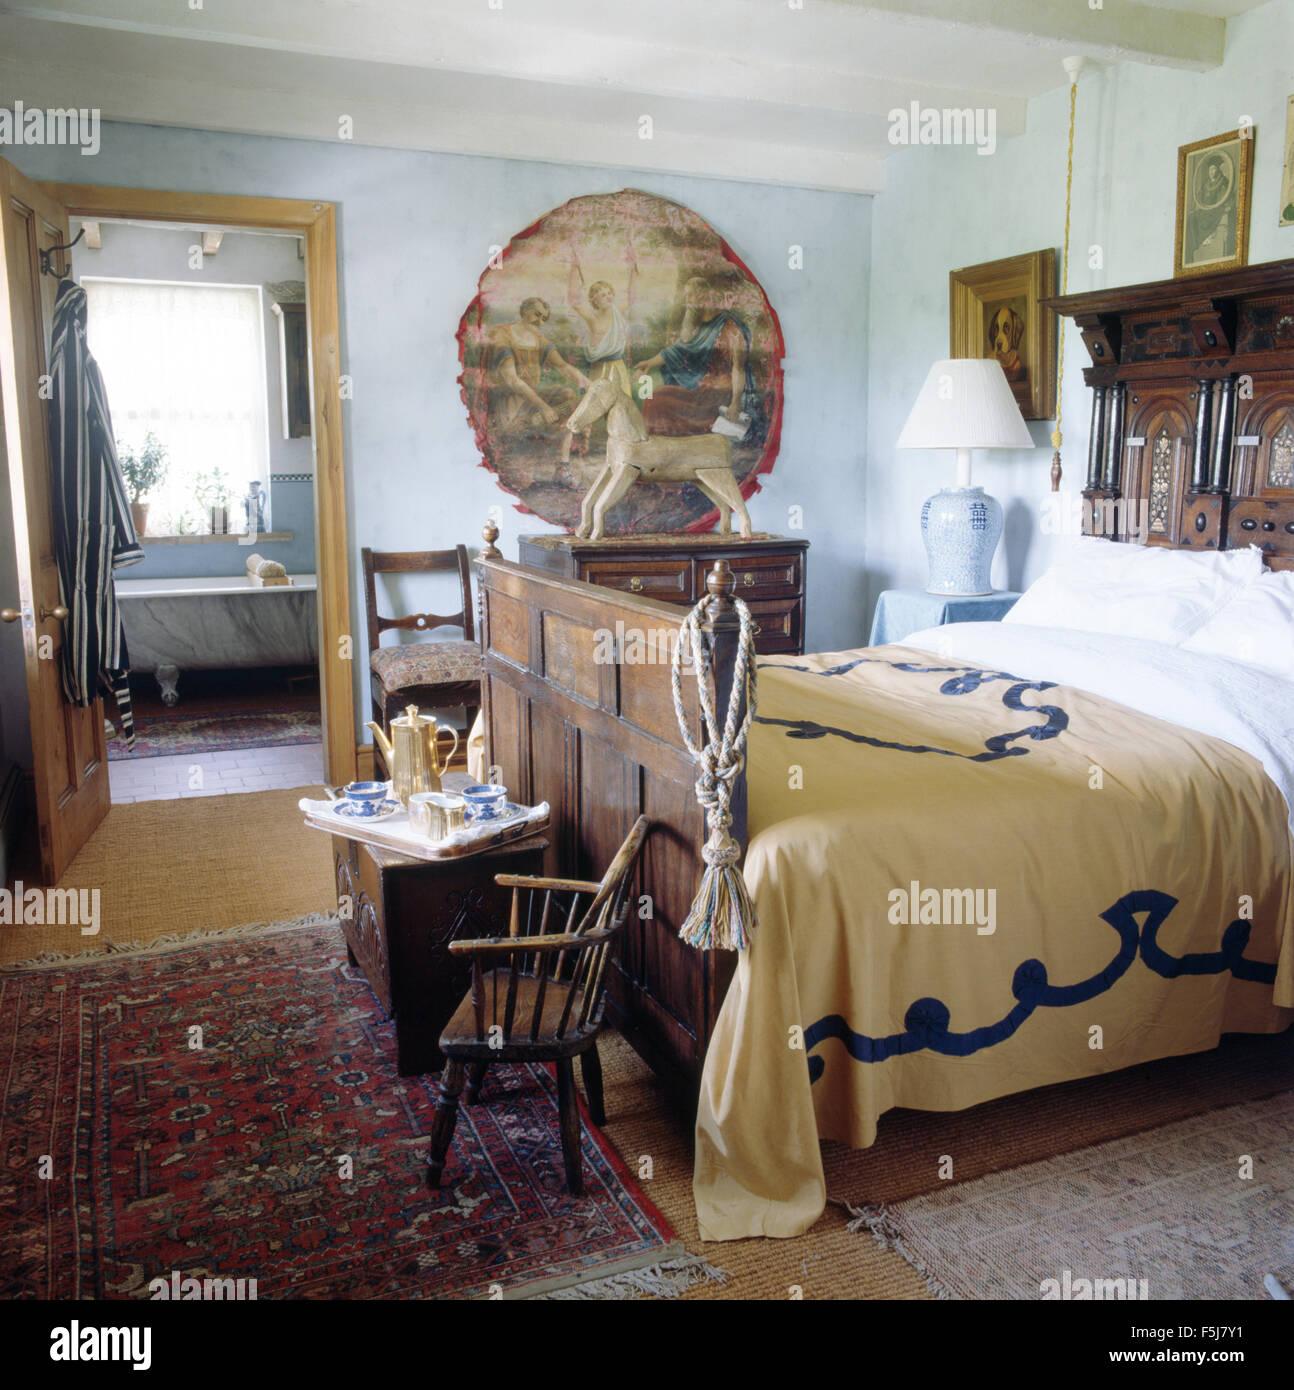 Geschnitzte Holz Antikes Bett Und Miniatur Windsor Stuhl In Einem 80er  Jahre Schlafzimmer Mit Tür Offen Für En Suite Badezimmer